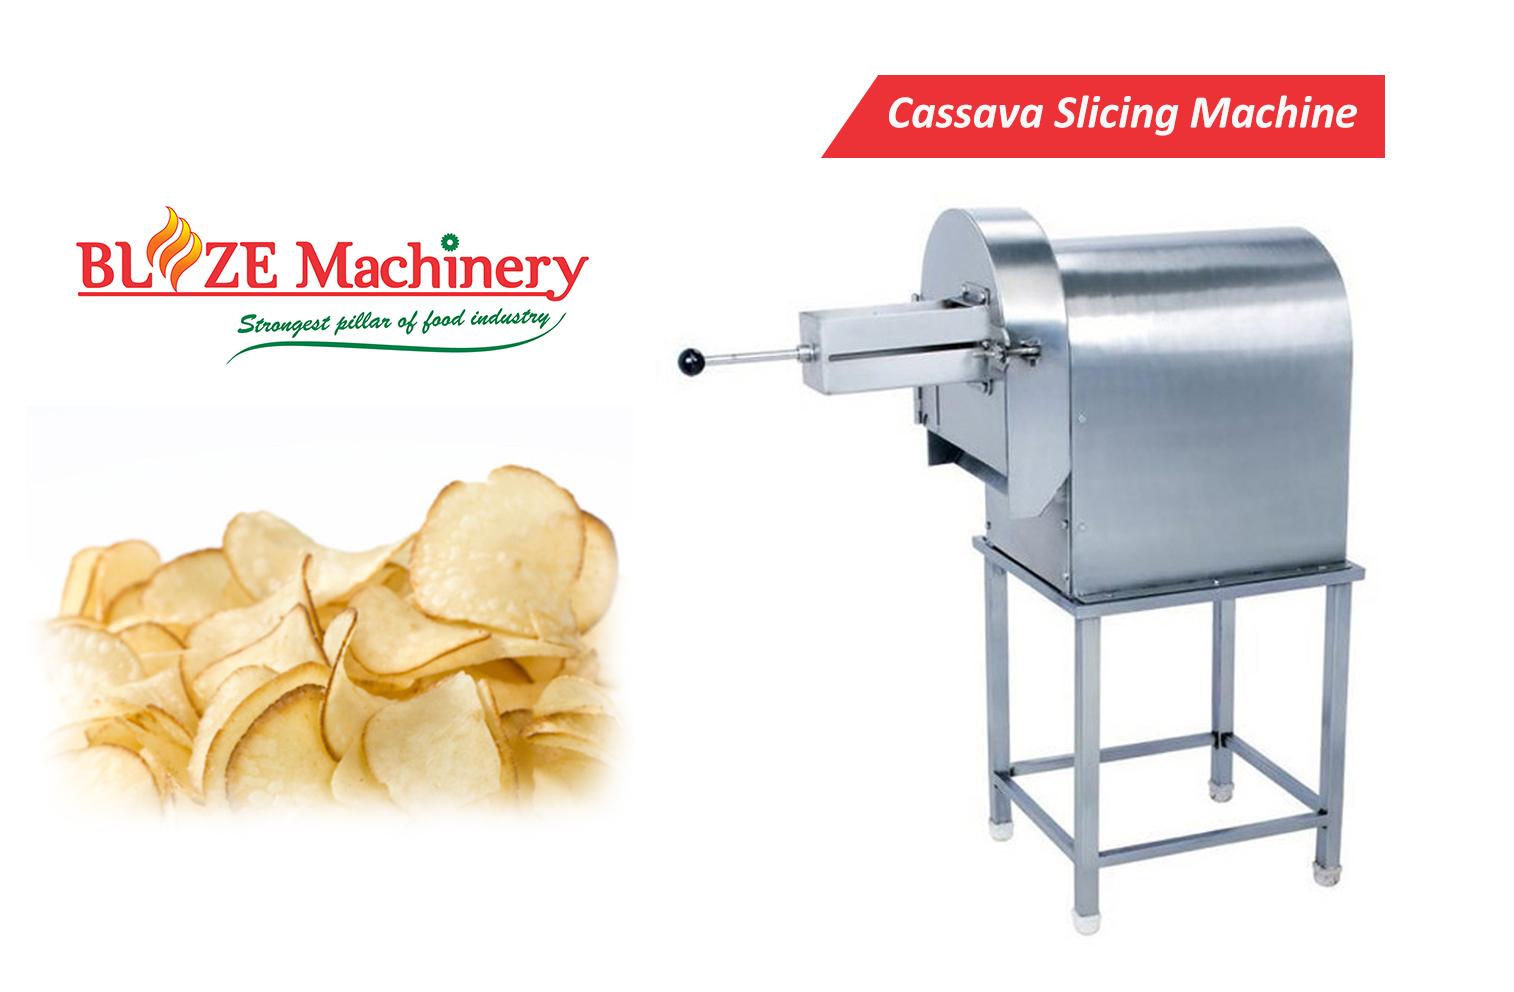 Cassava Slicing Machine